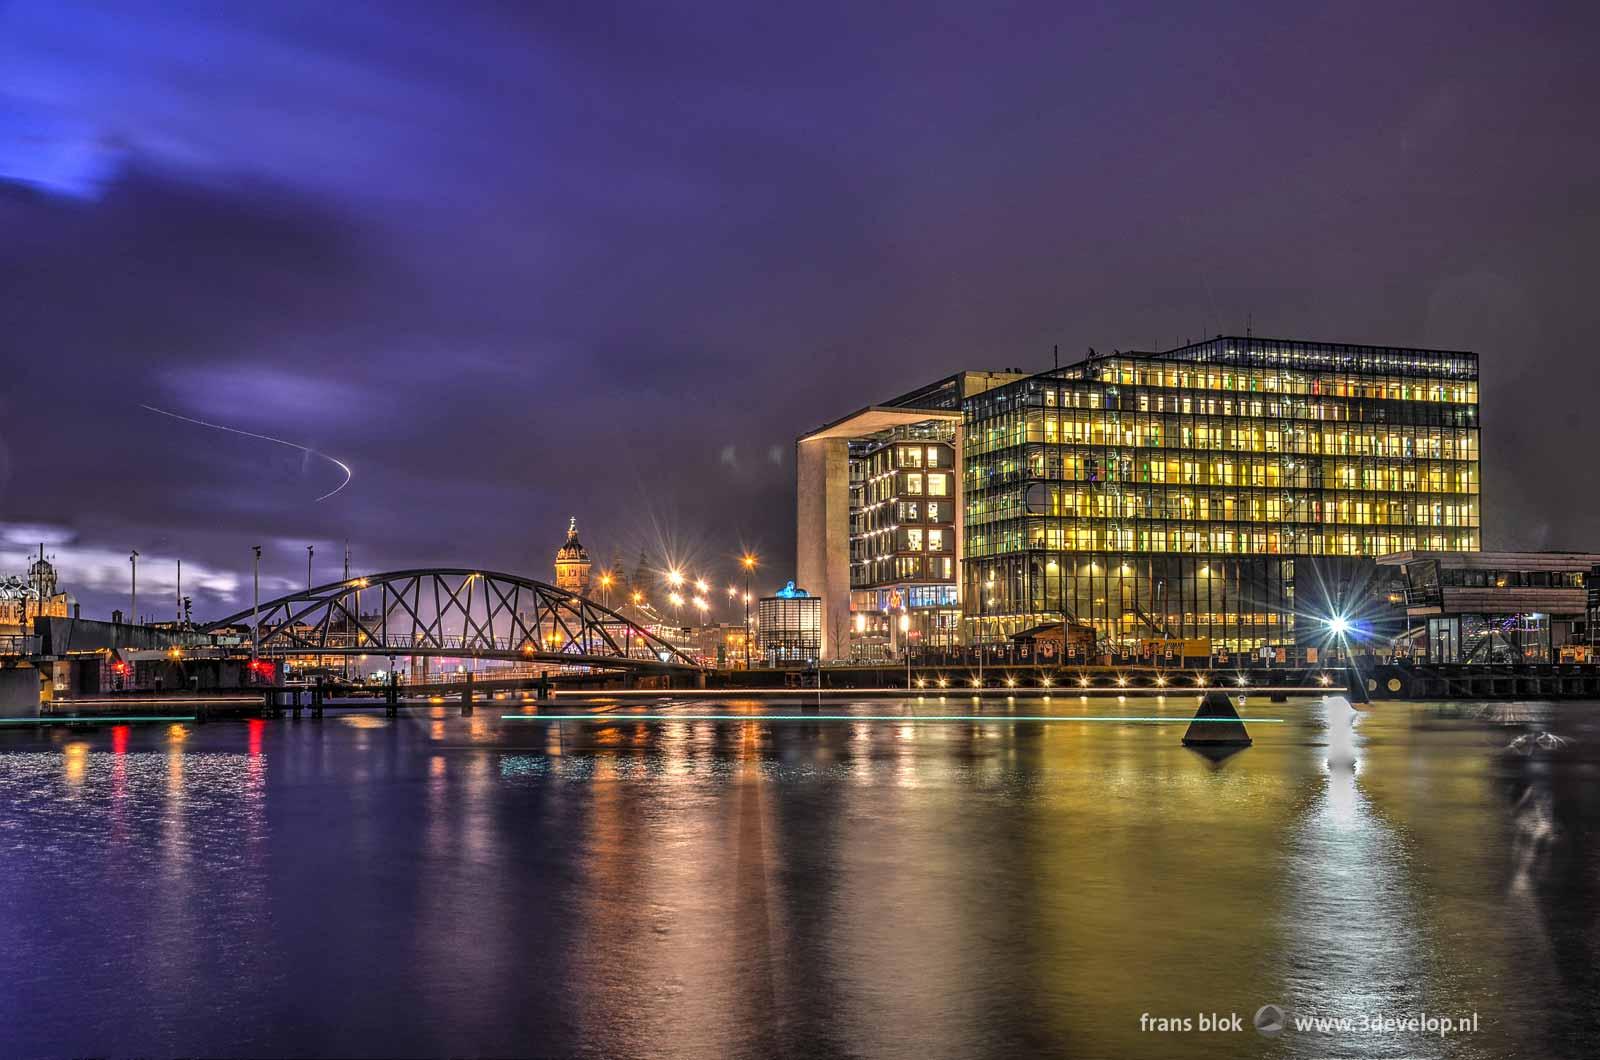 Foto genomen tijdens het blauwe uur na zonsondergang bij het Oosterdok in Amsterdam met onder andere het Conservatorium, de Bibliotheek en de Nicolaaskerk